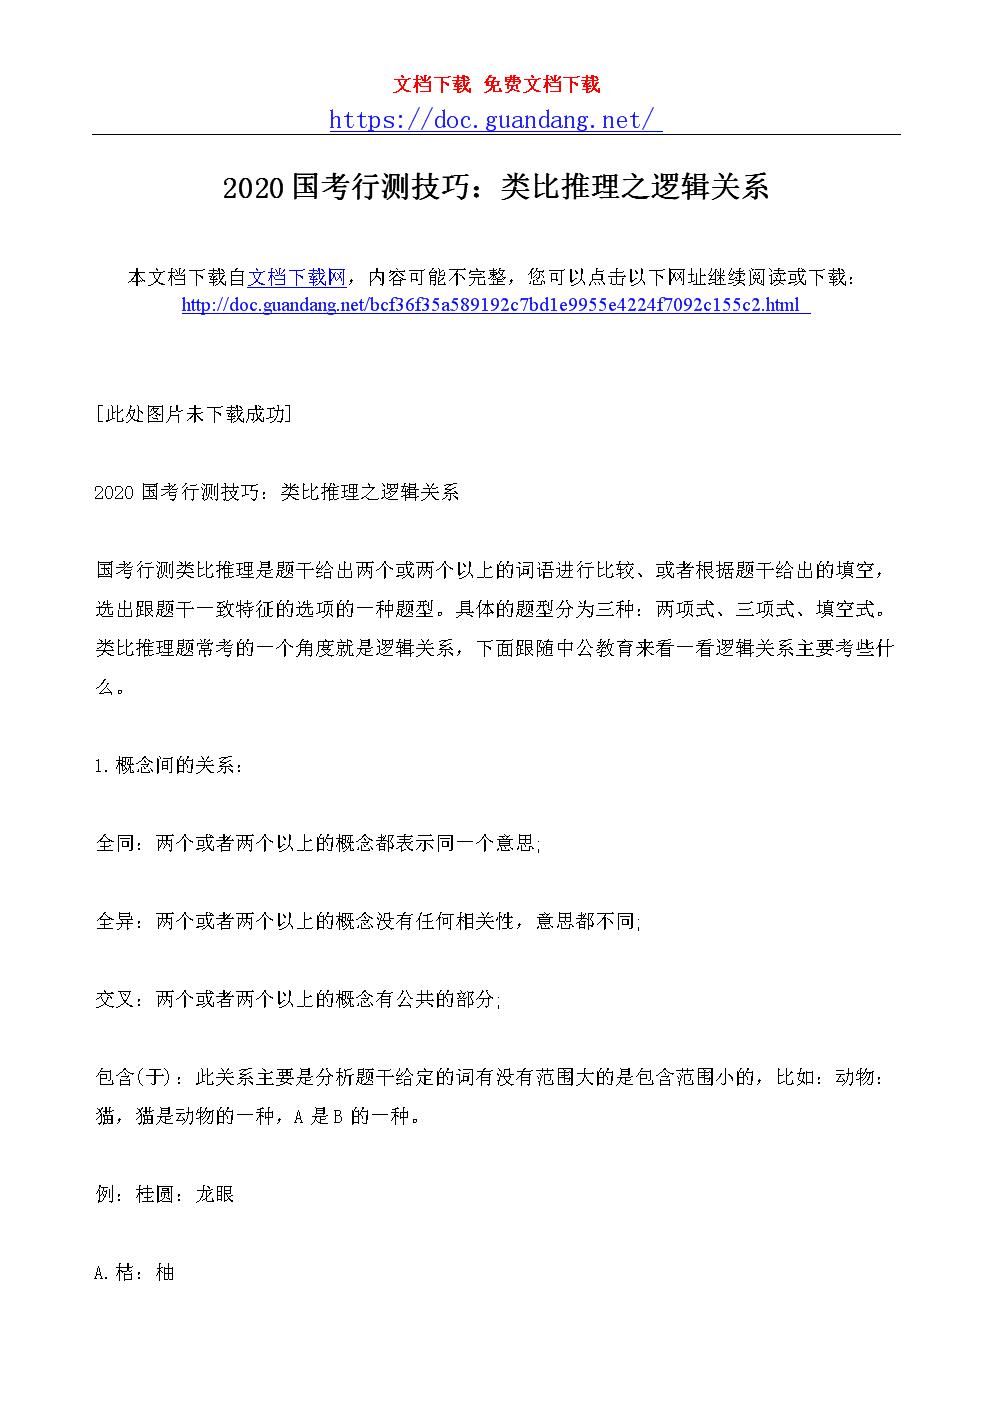 2020国考行测技巧:类比推理之逻辑关系[.doc